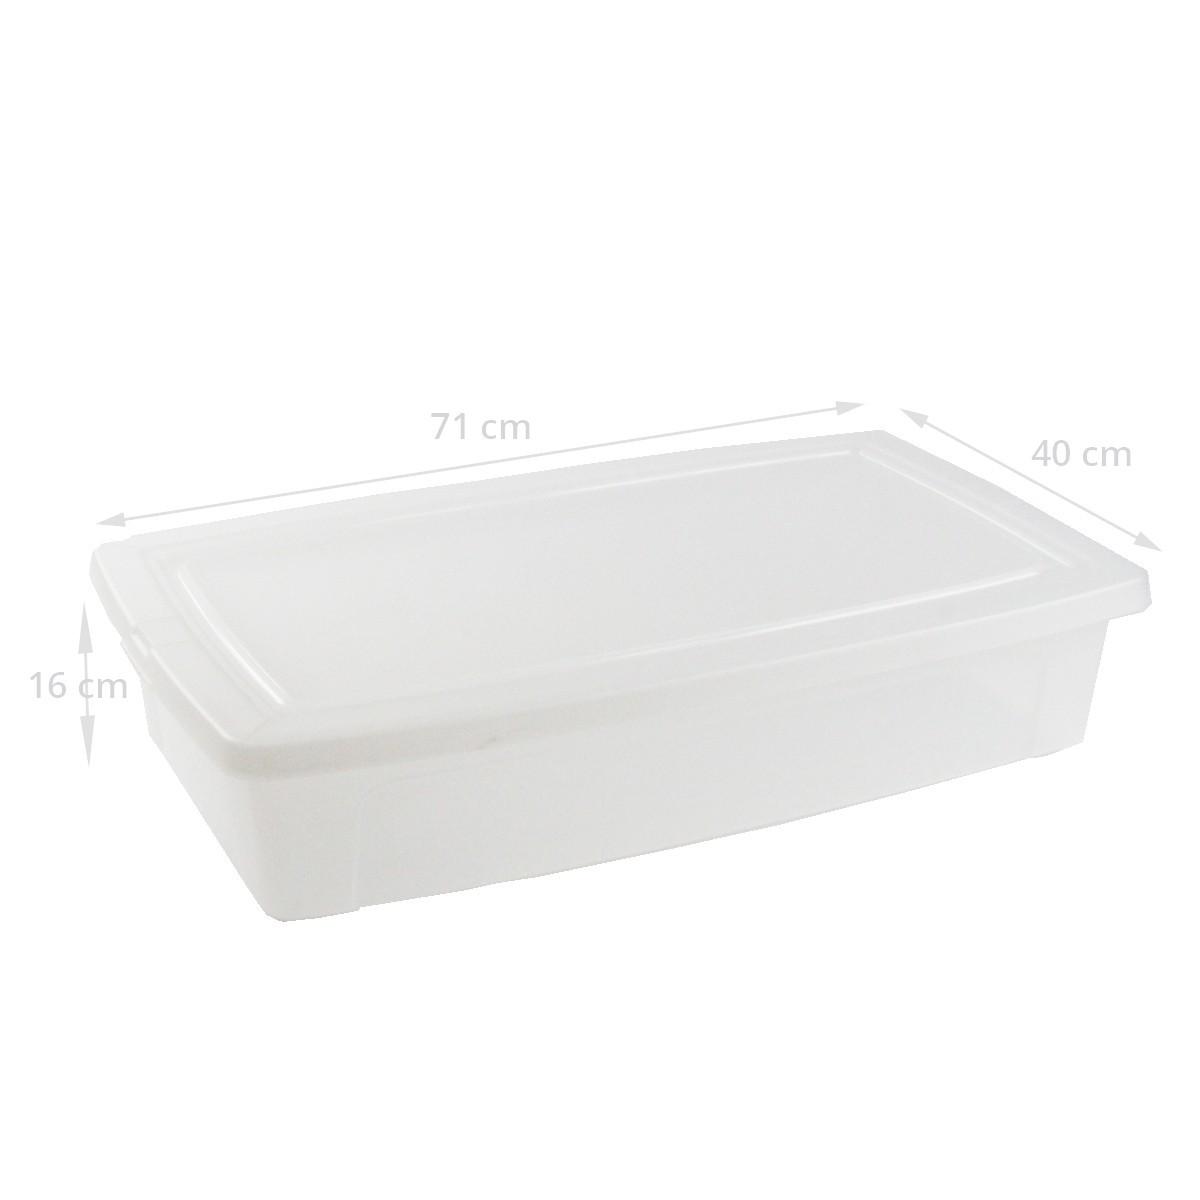 Bo te de rangement sous le lit en plastique - Boite rangement plastique sous lit ...